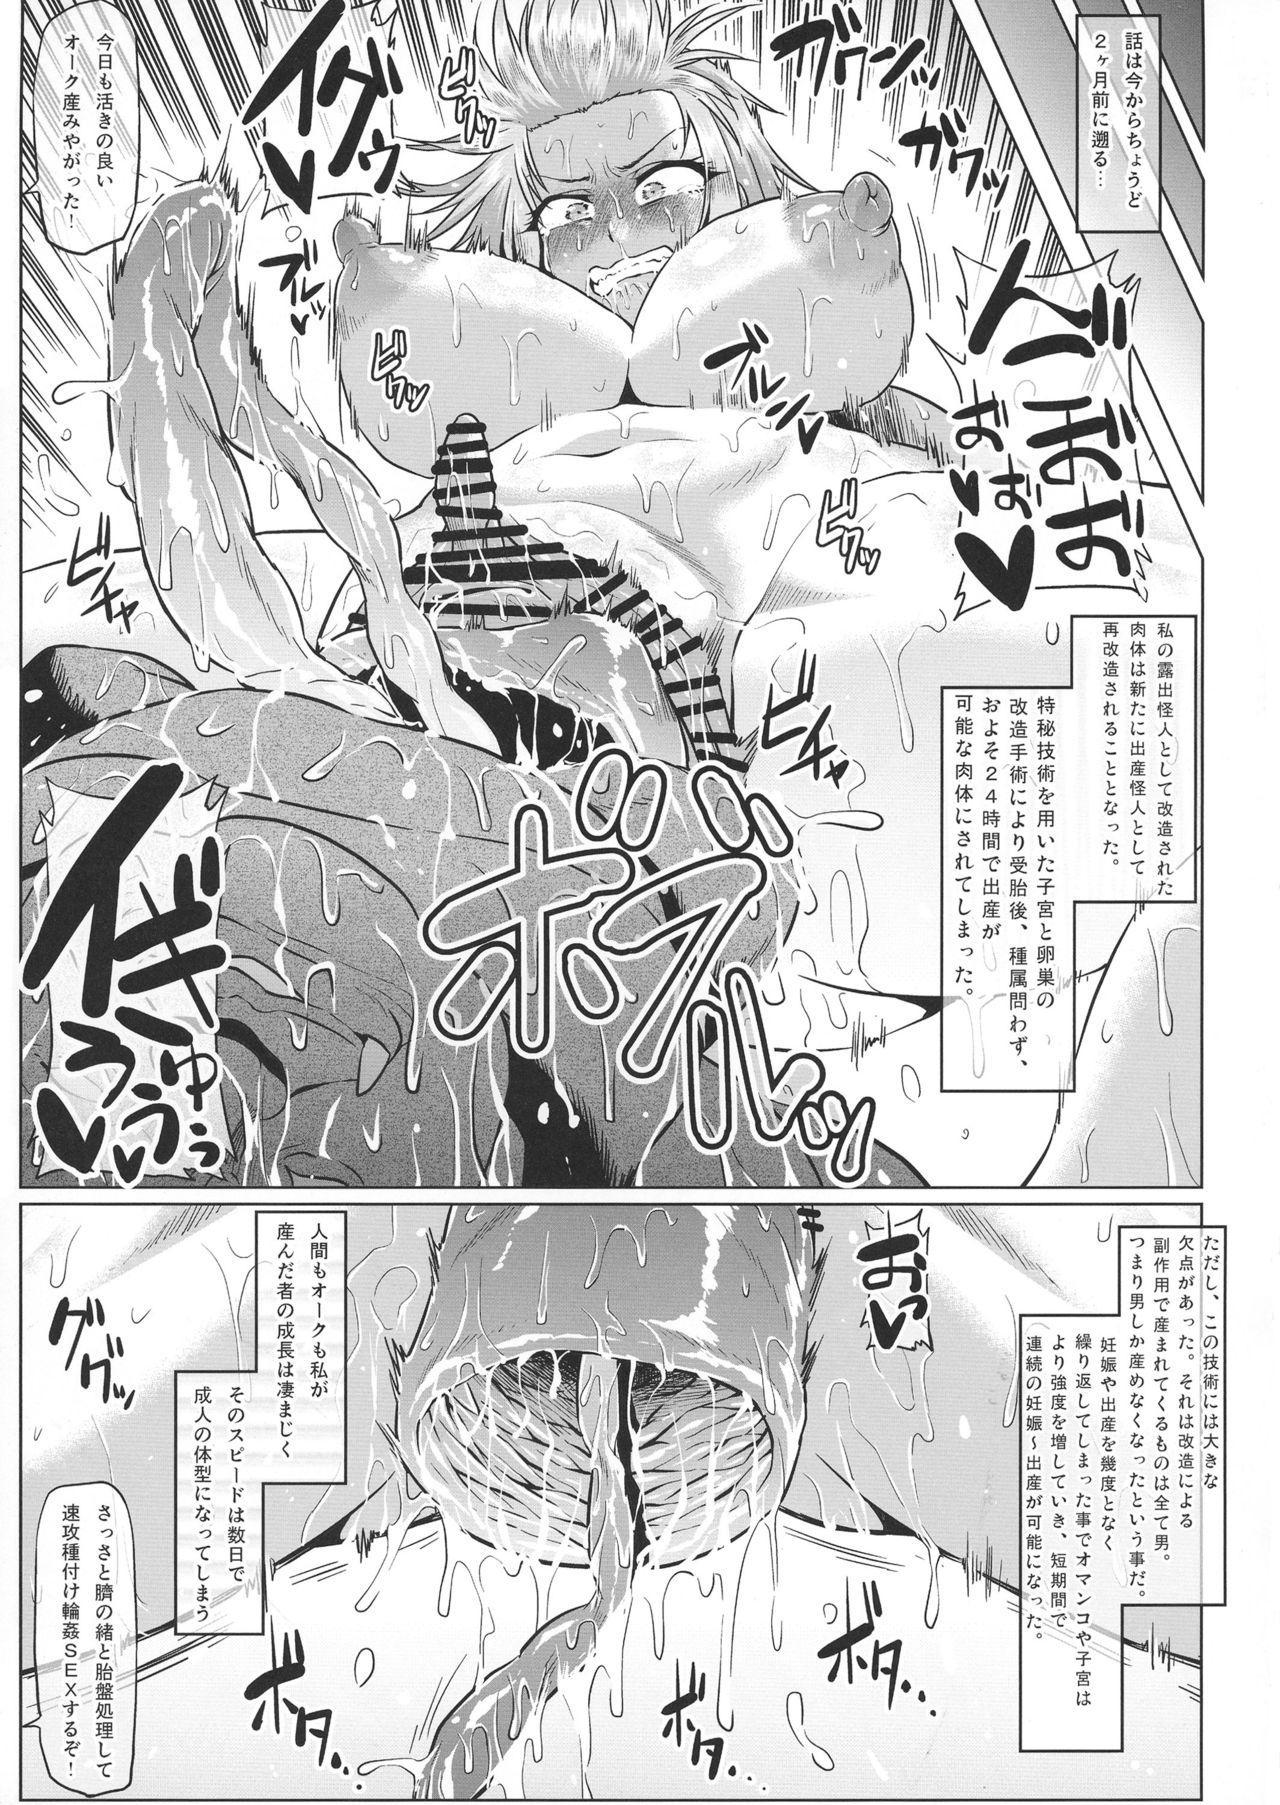 Roshutsu Kaijin Flasher Girl 8